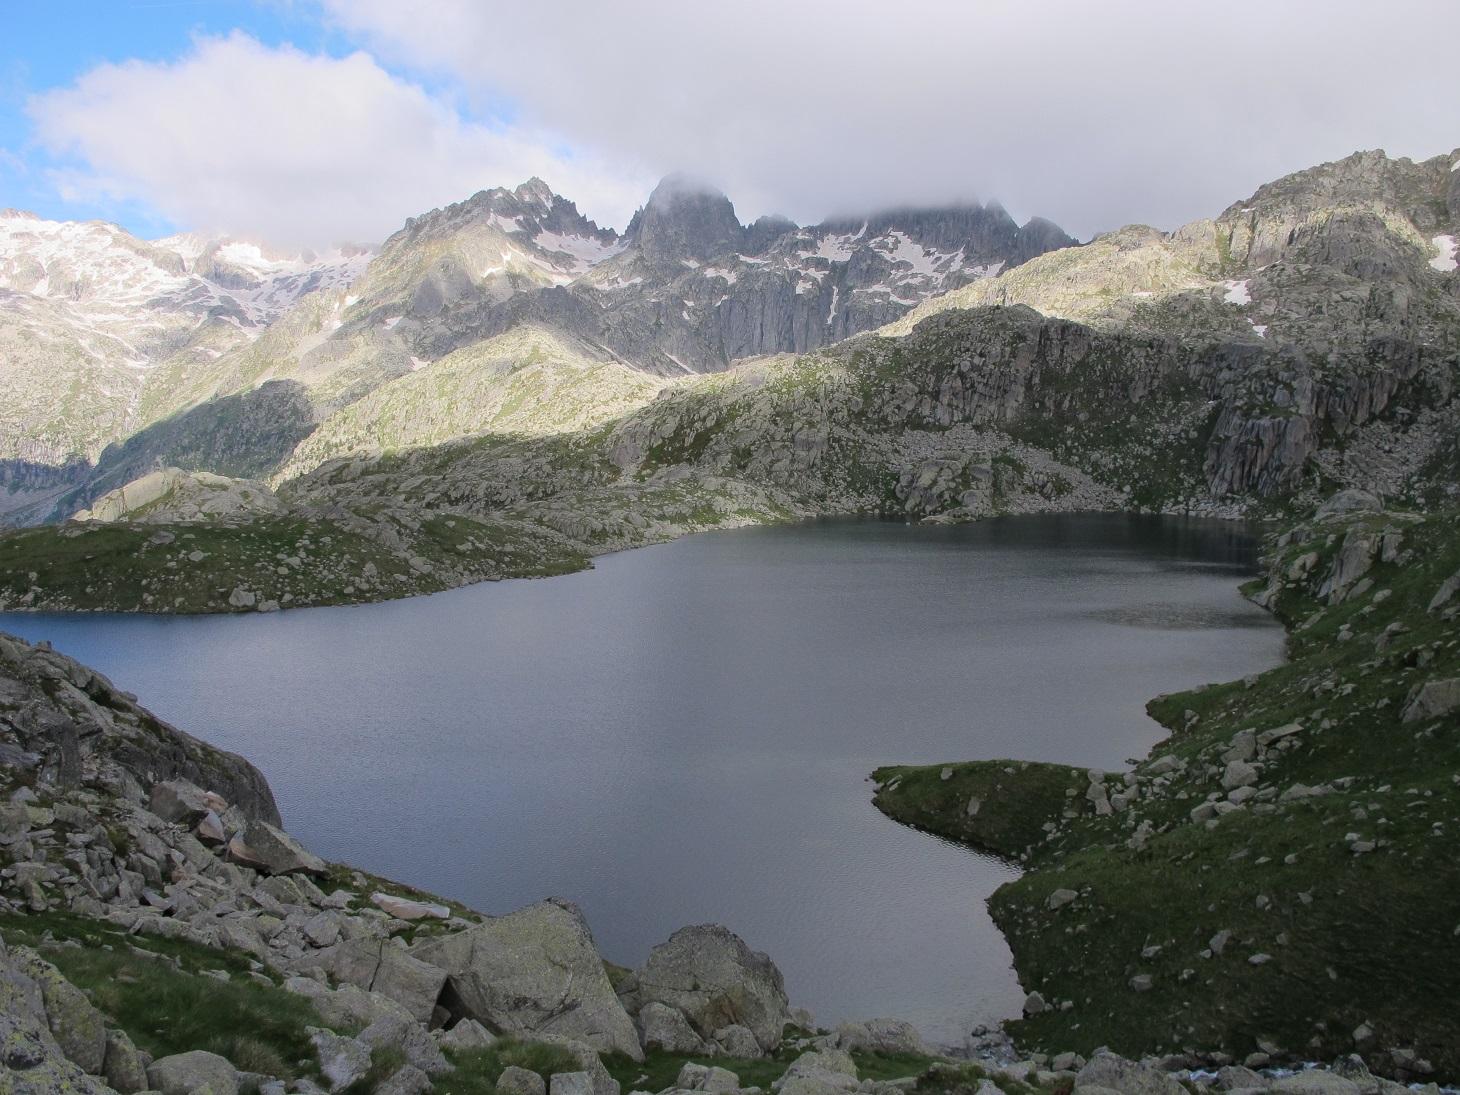 Zona de lagos de camino a Ventosa i Calvell